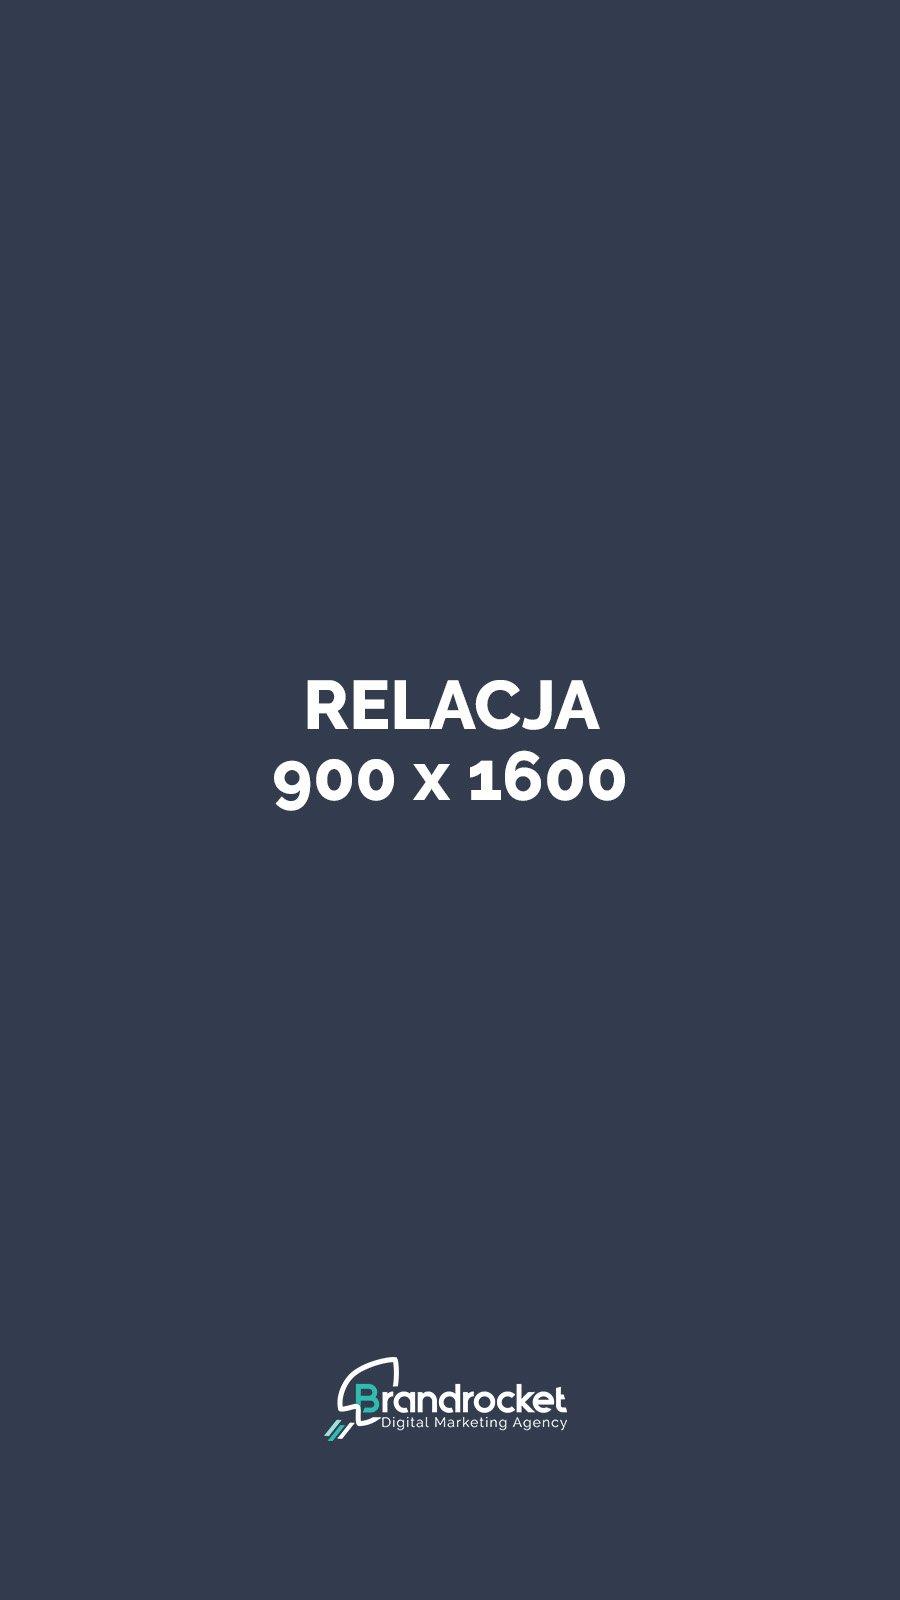 relacja 900x1600